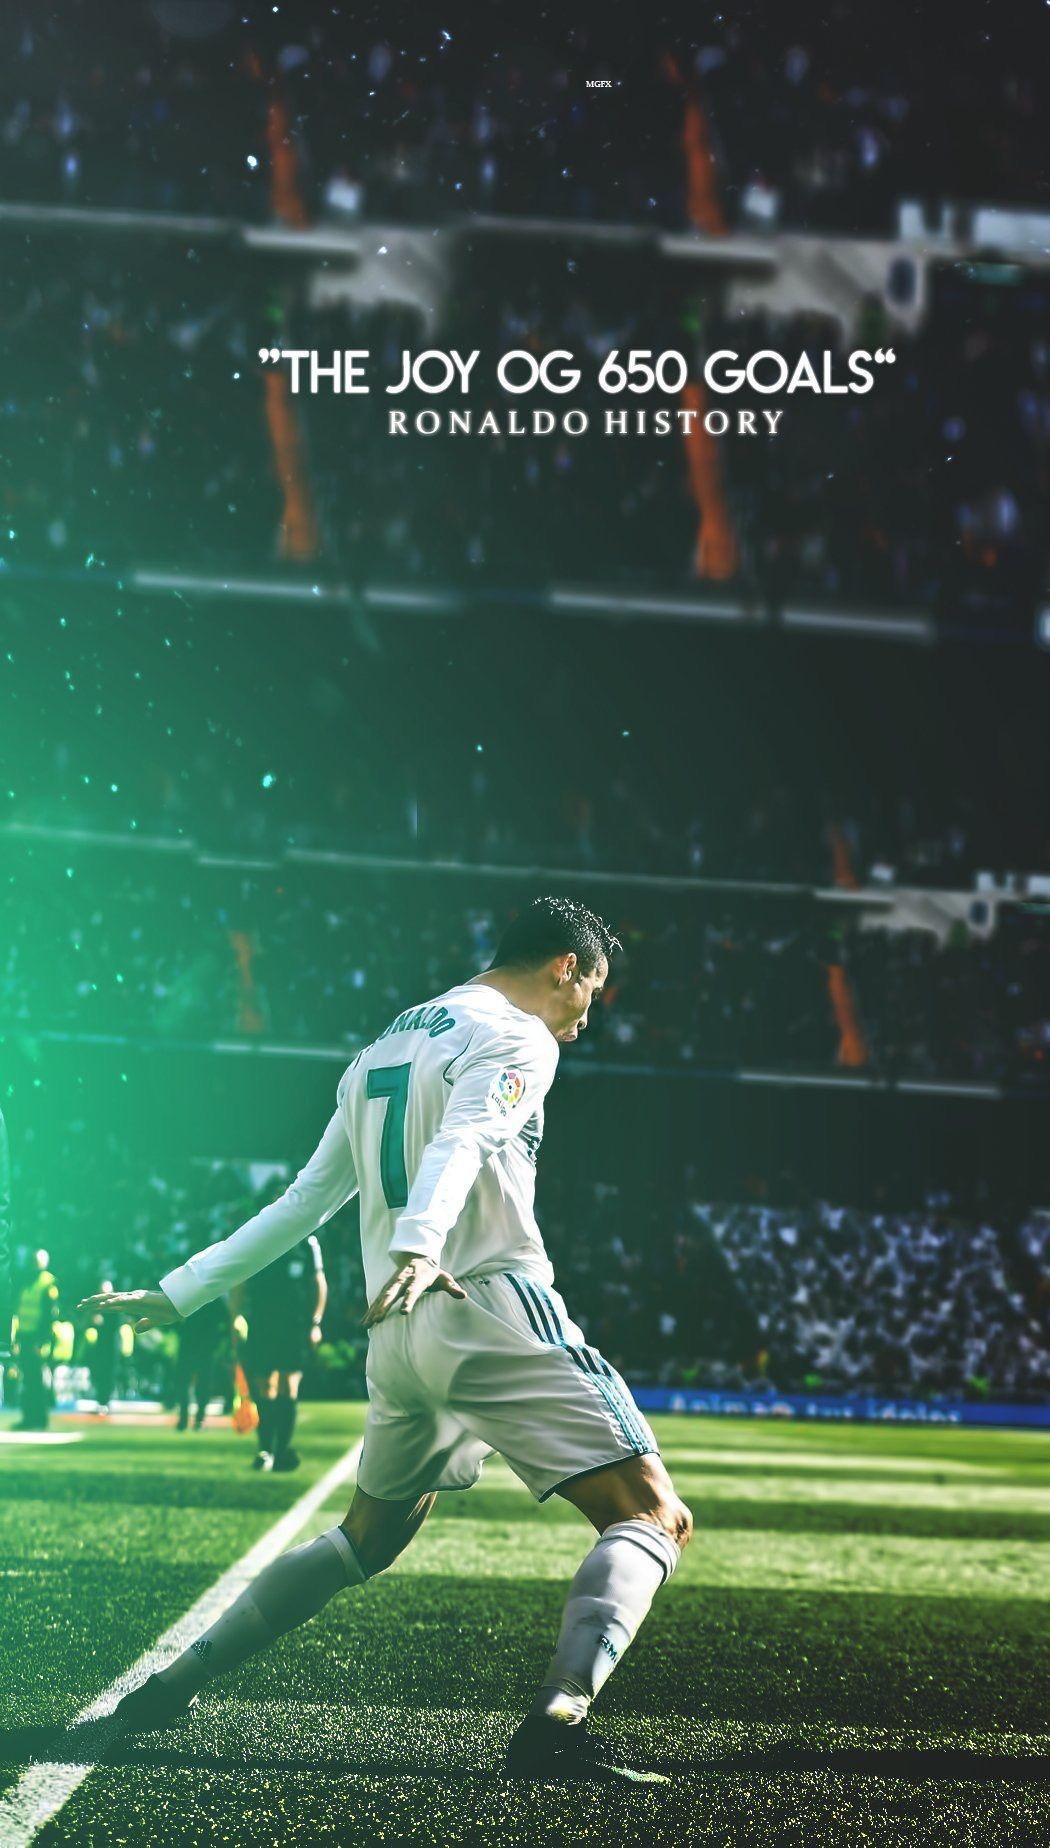 Cristiano Ronaldo Cristiano ronaldo quotes, Cristiano